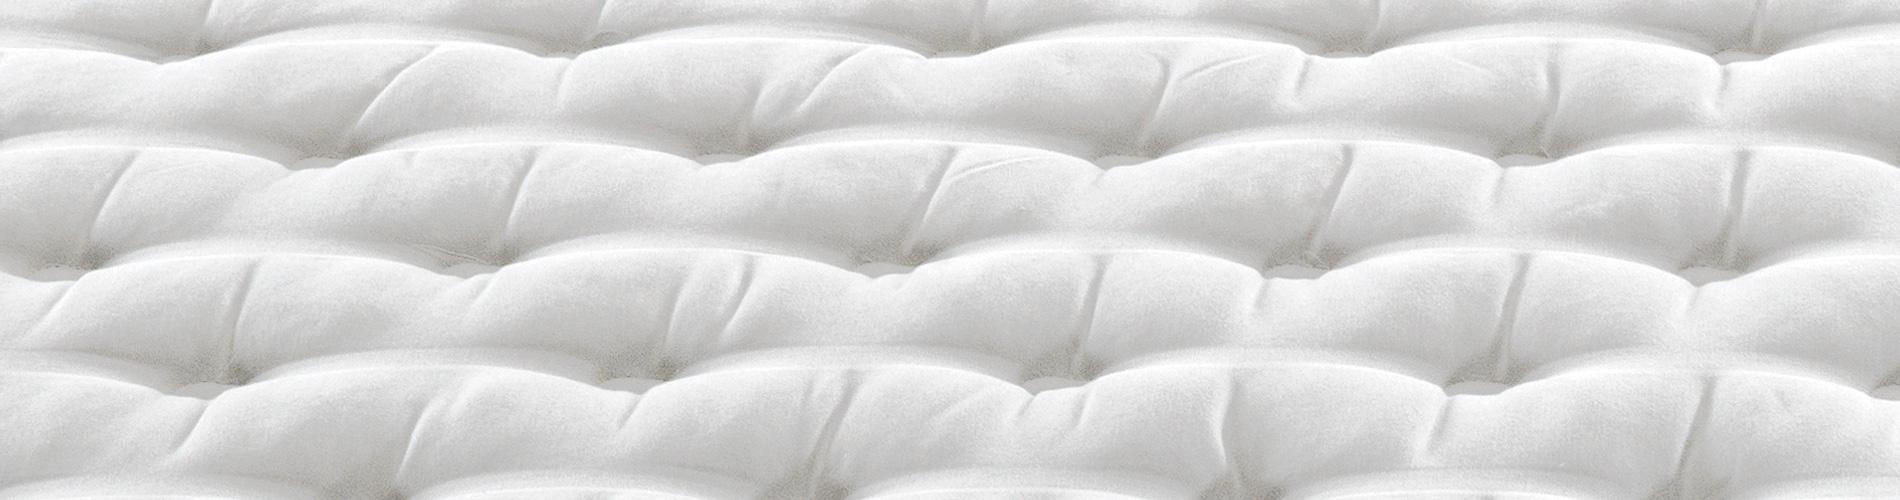 acolchado de viscosa del colchón VISCO  ZAP